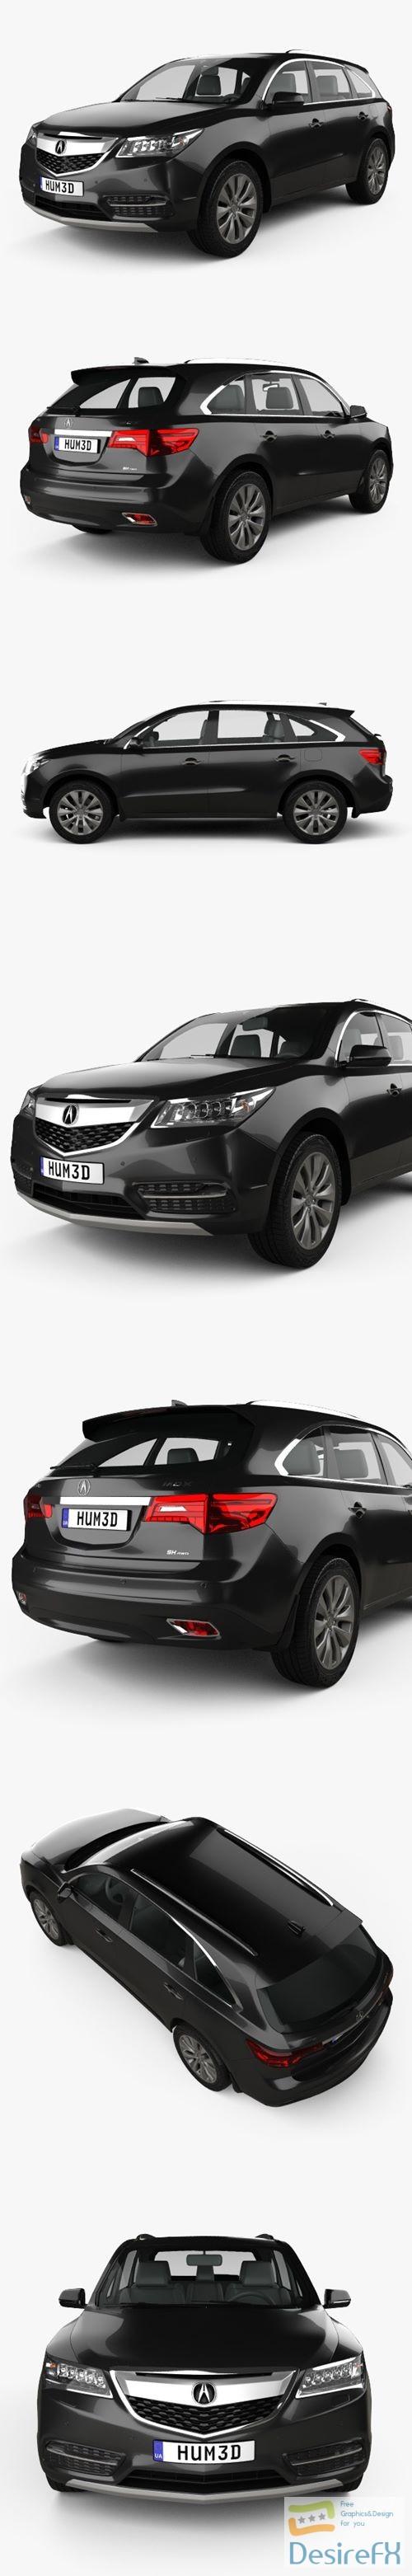 3d-models - Acura MDX 2014 3D Model